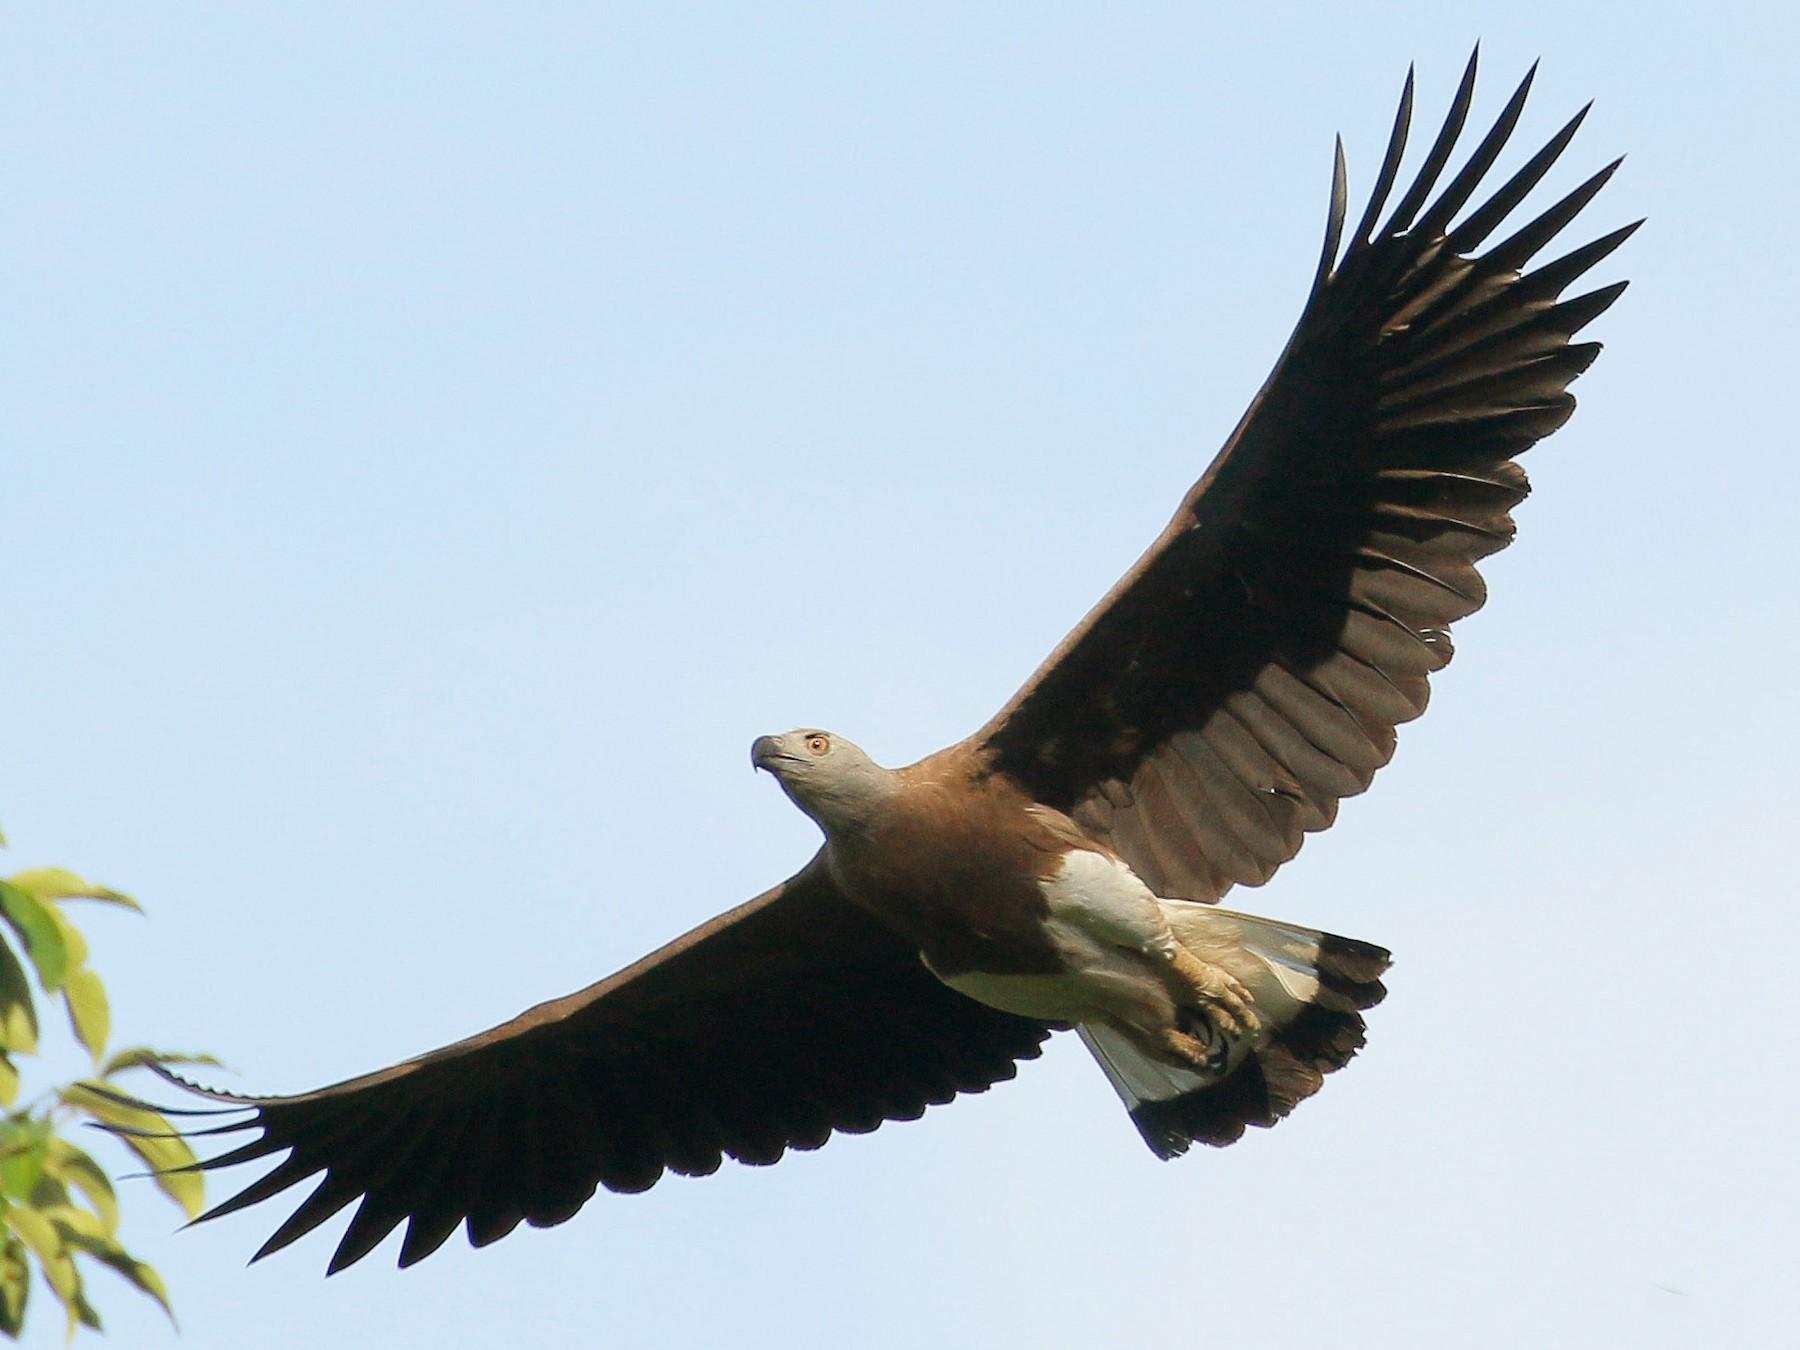 Gray-headed Fish-Eagle - Neoh Hor Kee